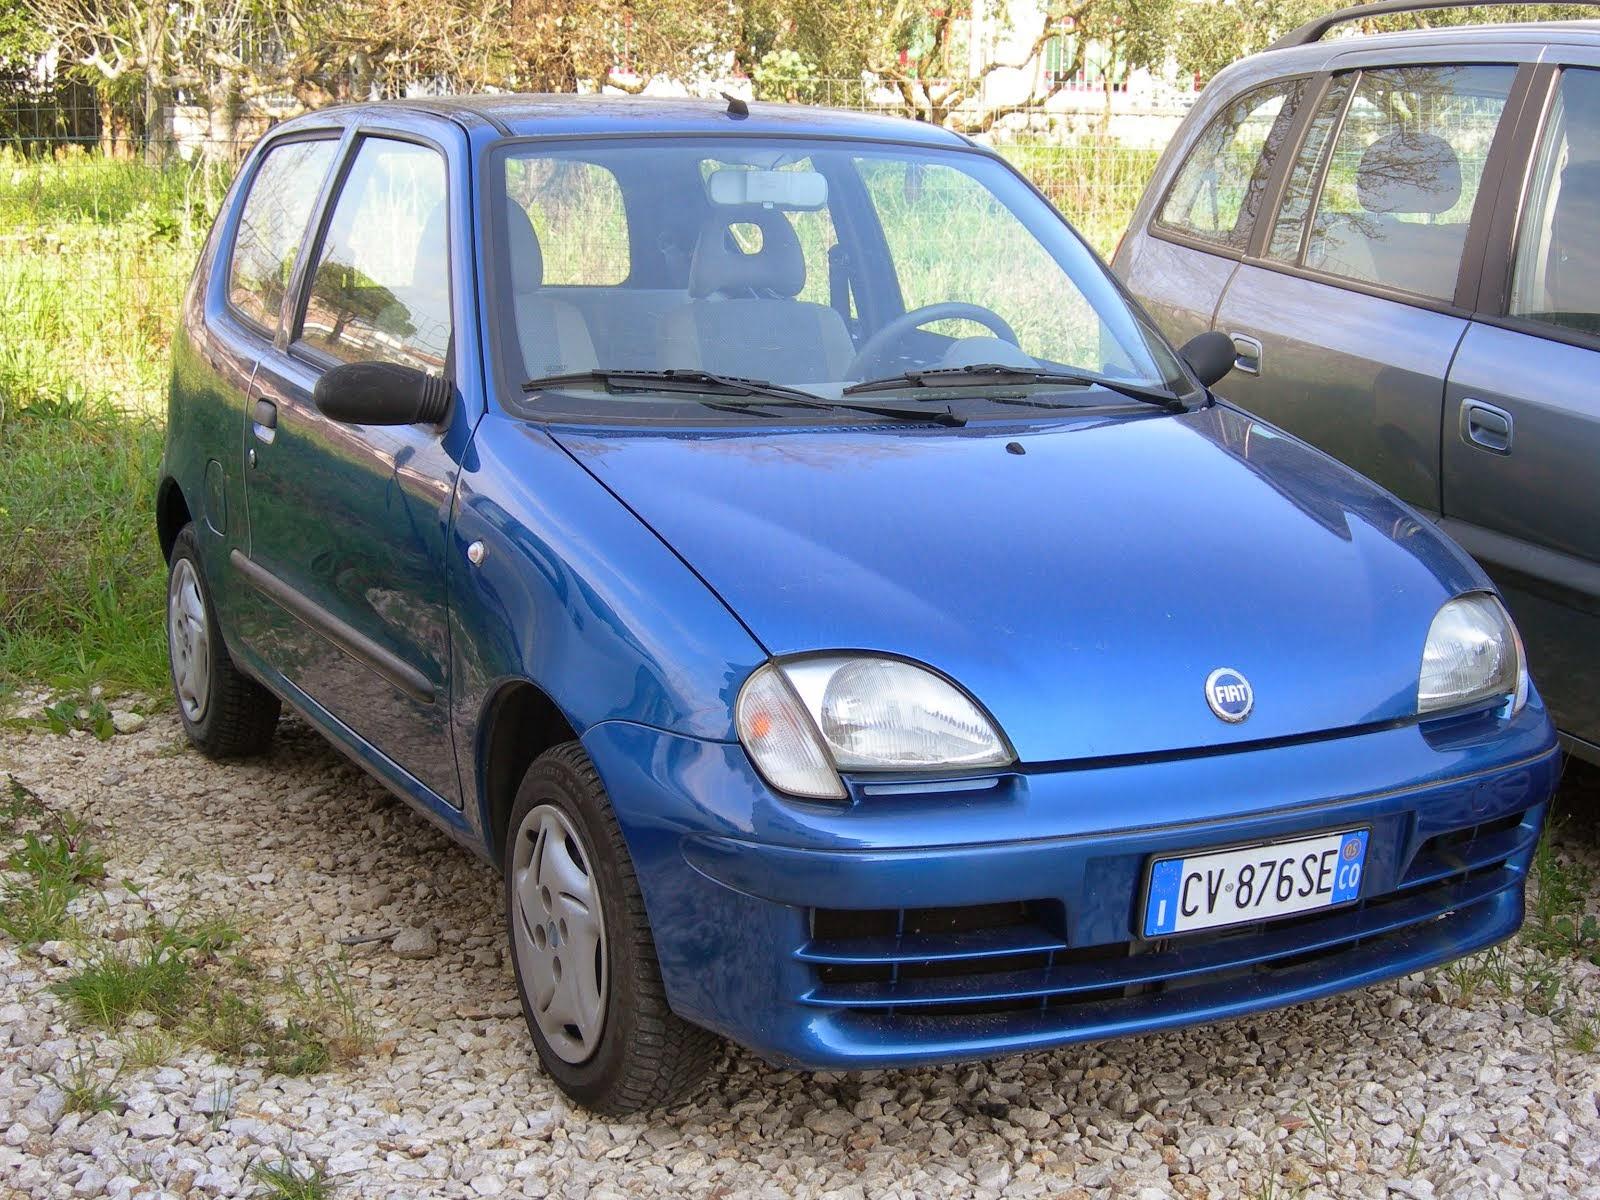 Fiat 600 1.1 con idroguida Anno 2005 70.000 km 2.500,00 Euro